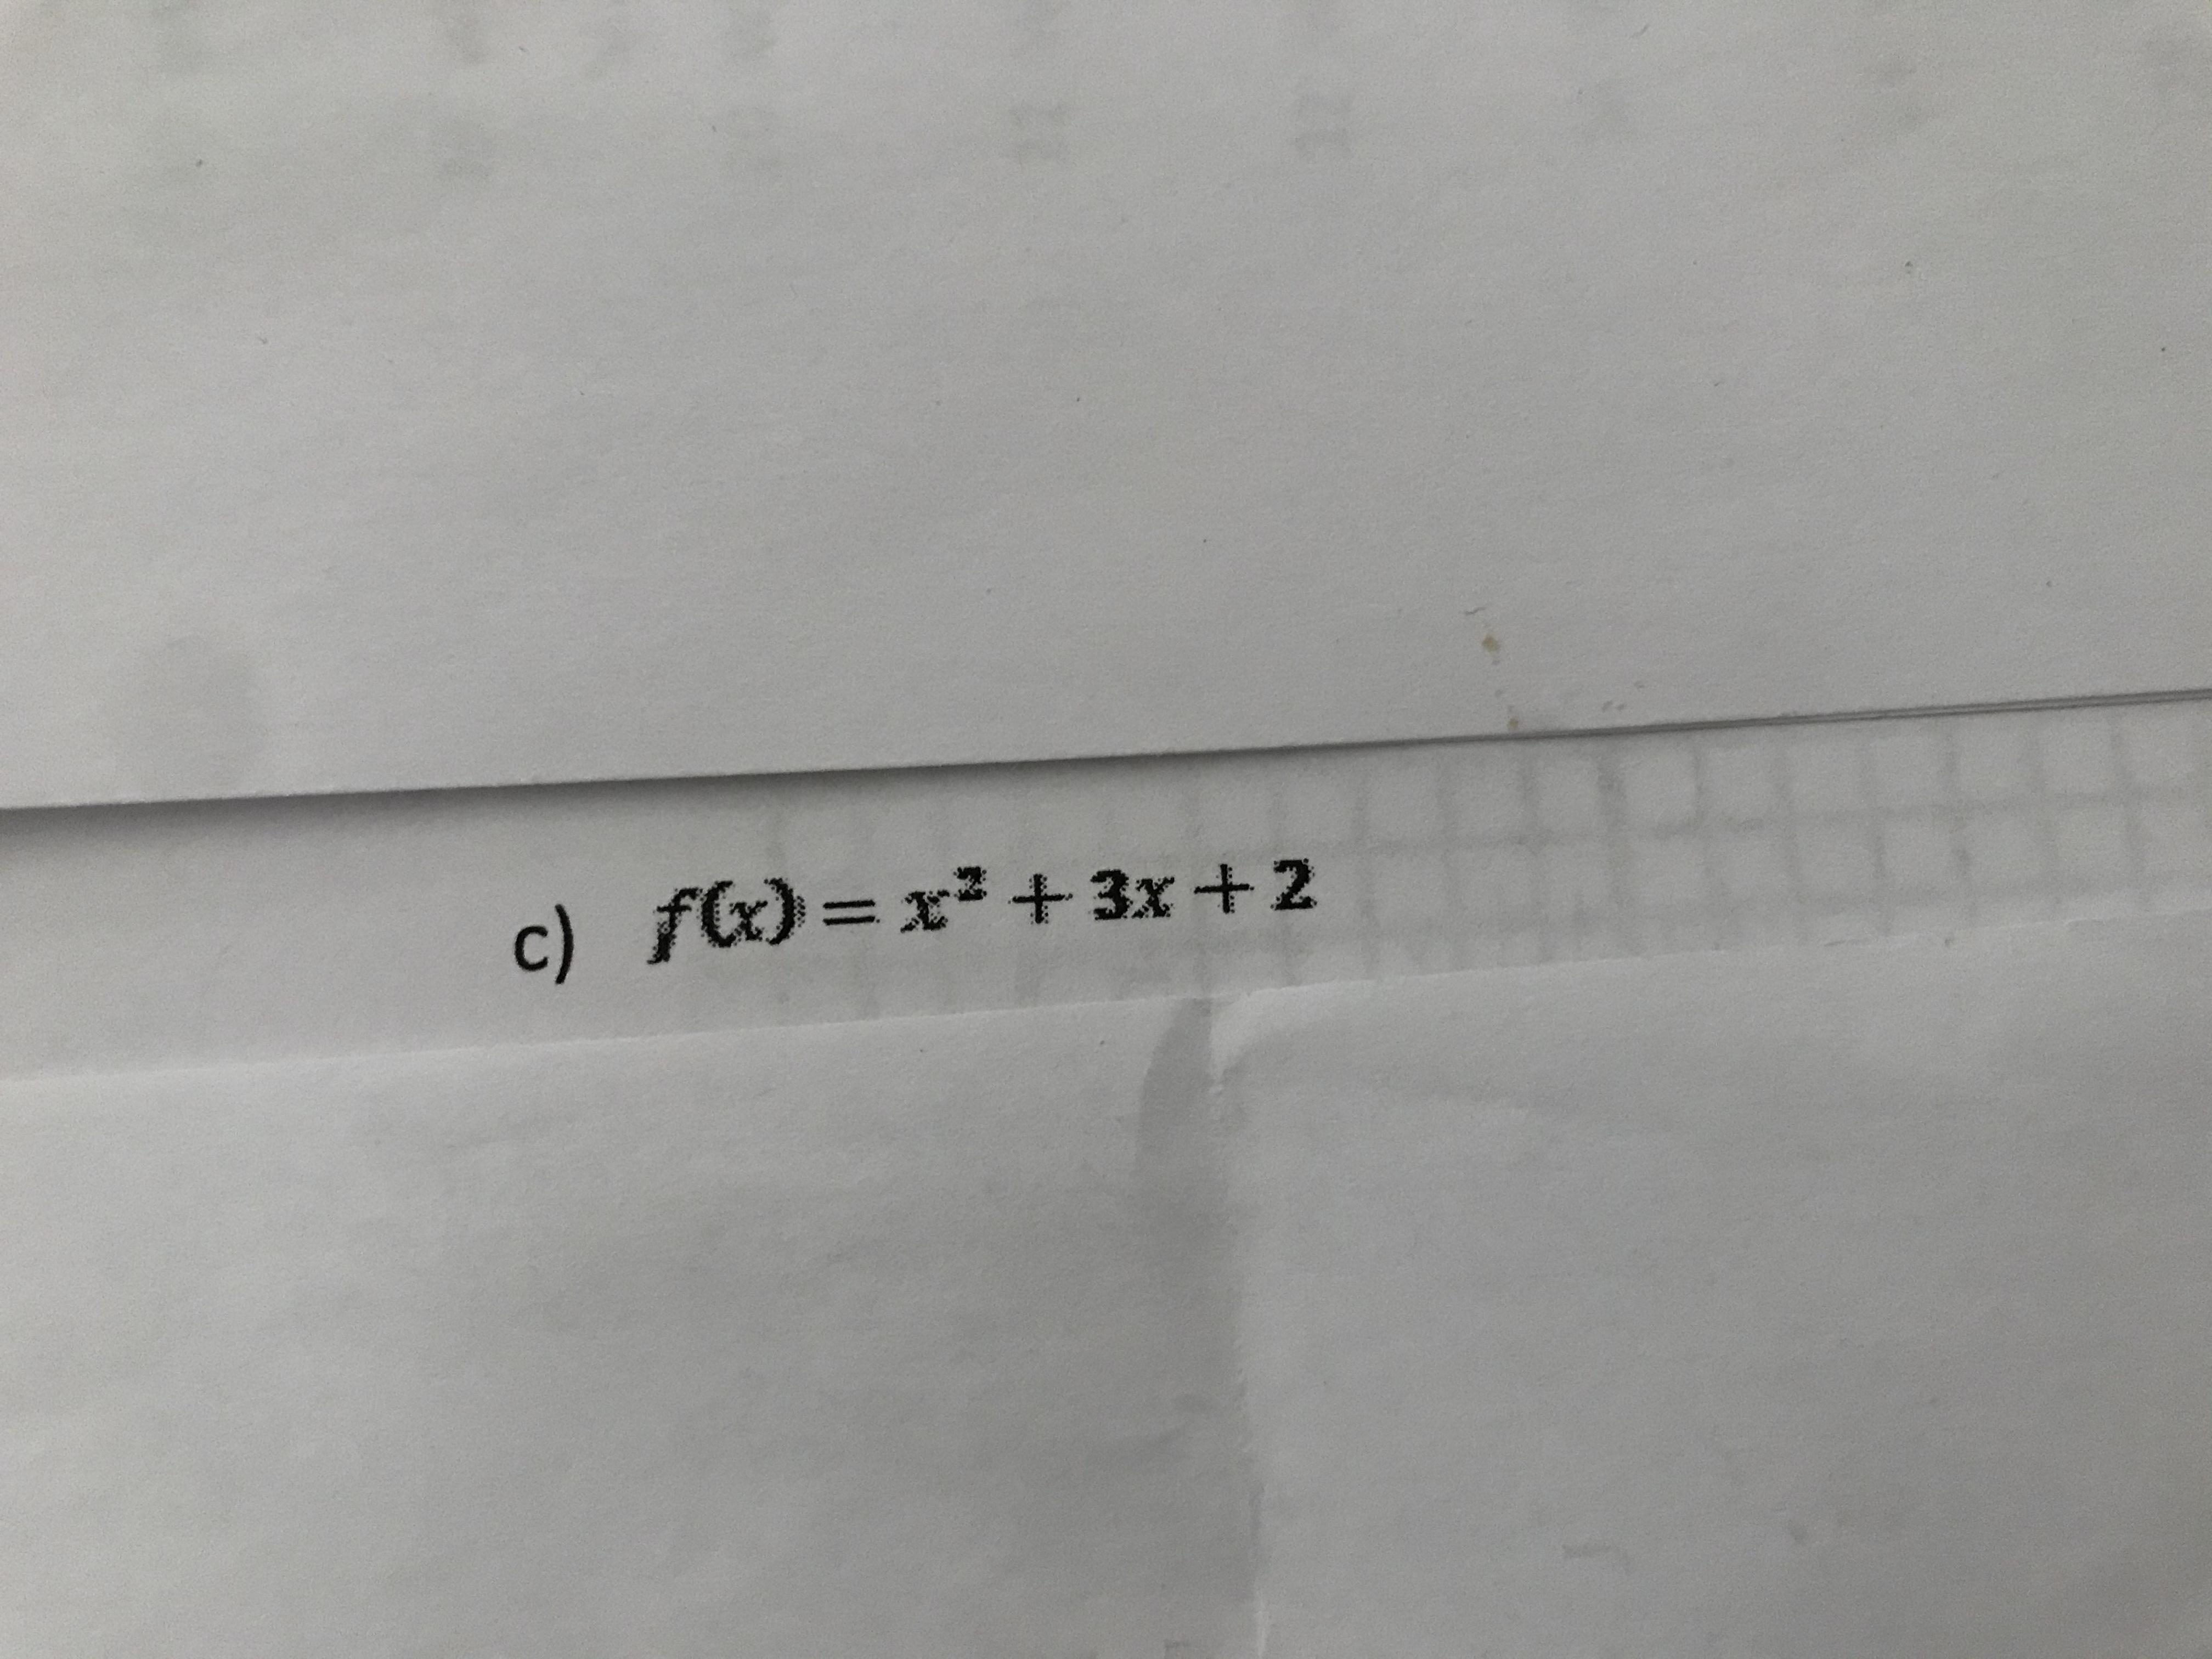 c) fx) =x² + 3x + 2